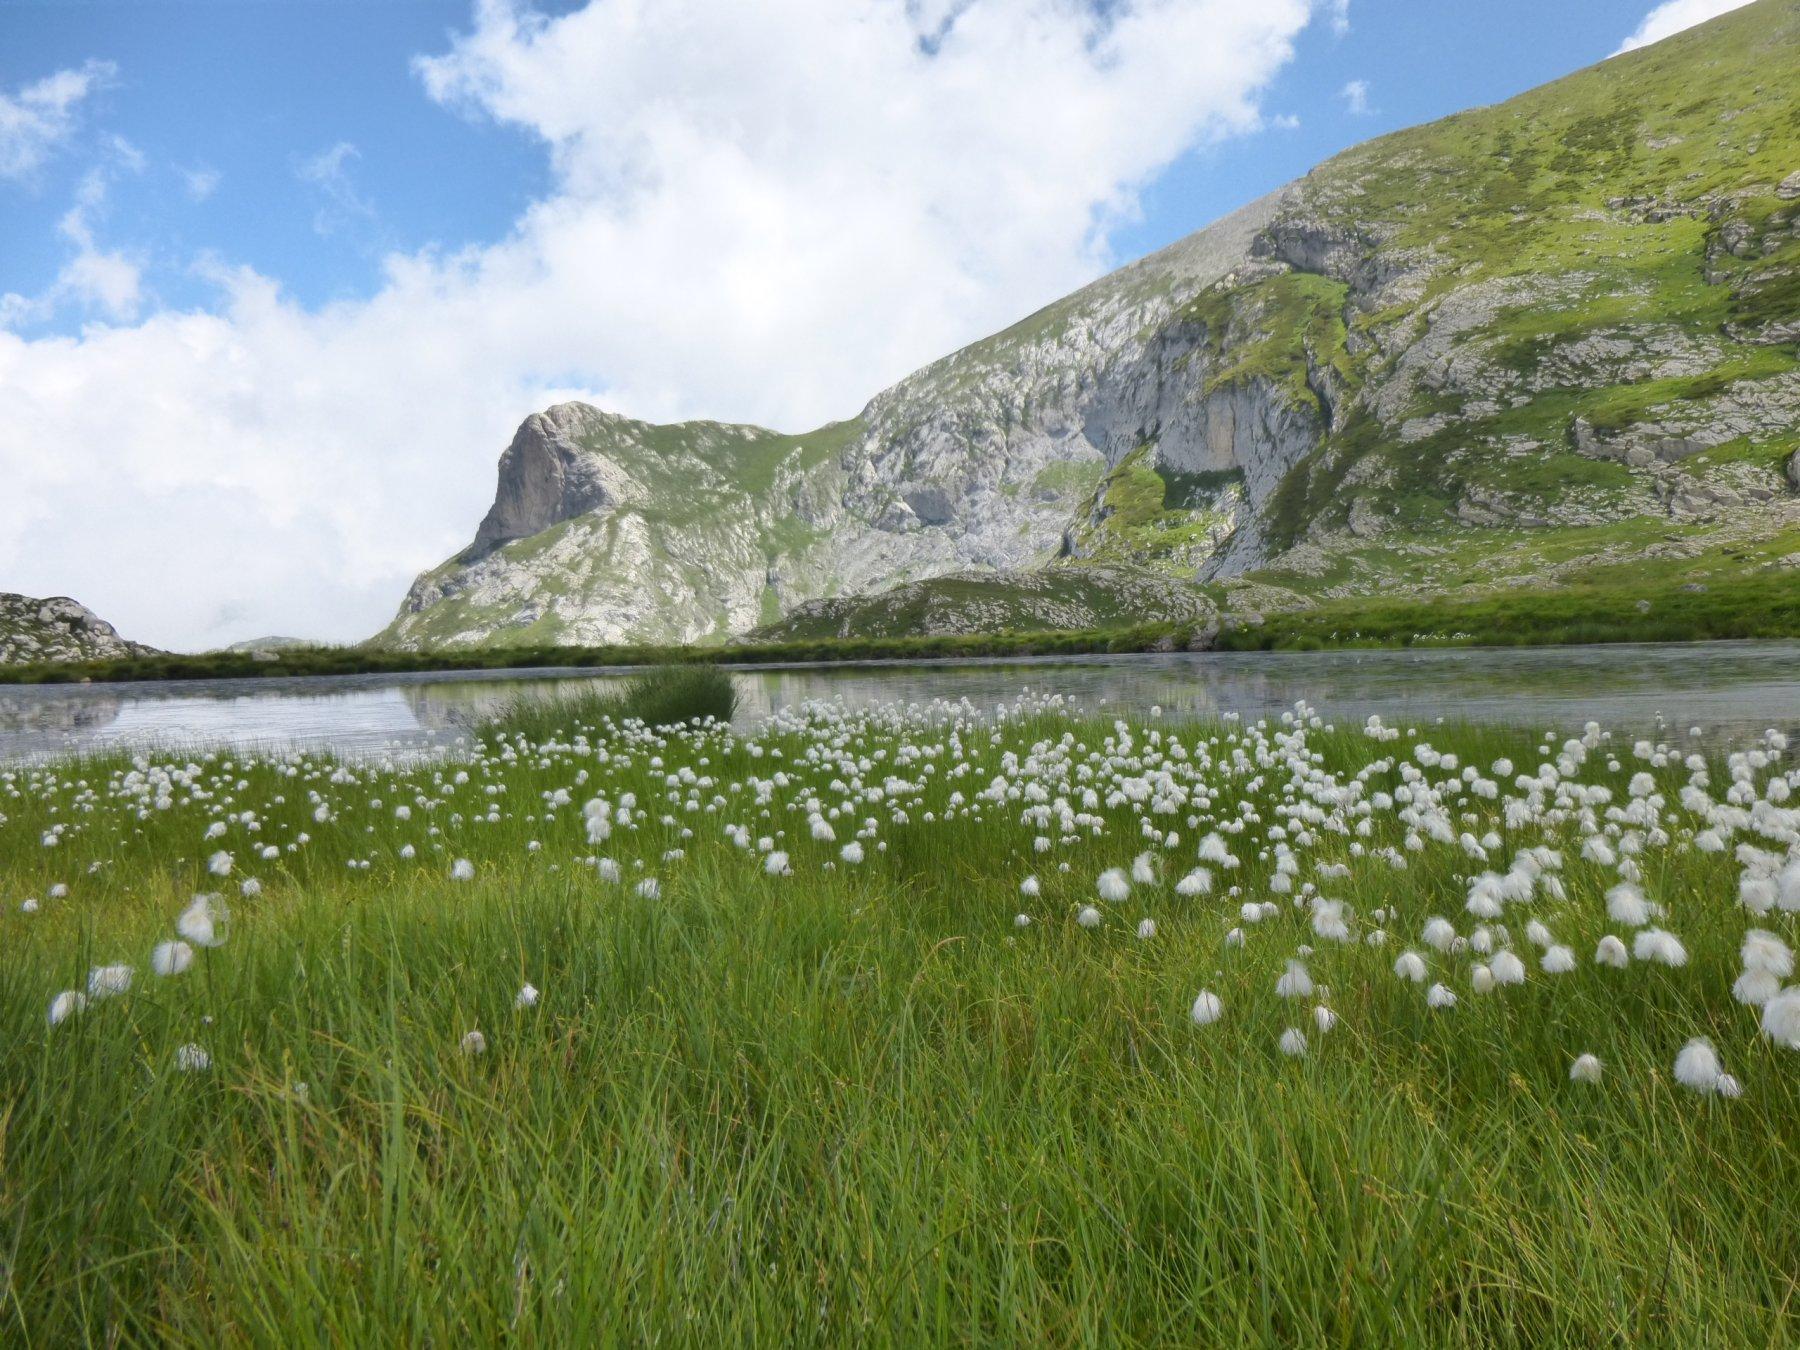 fioritura sulle rive del lago Rataira